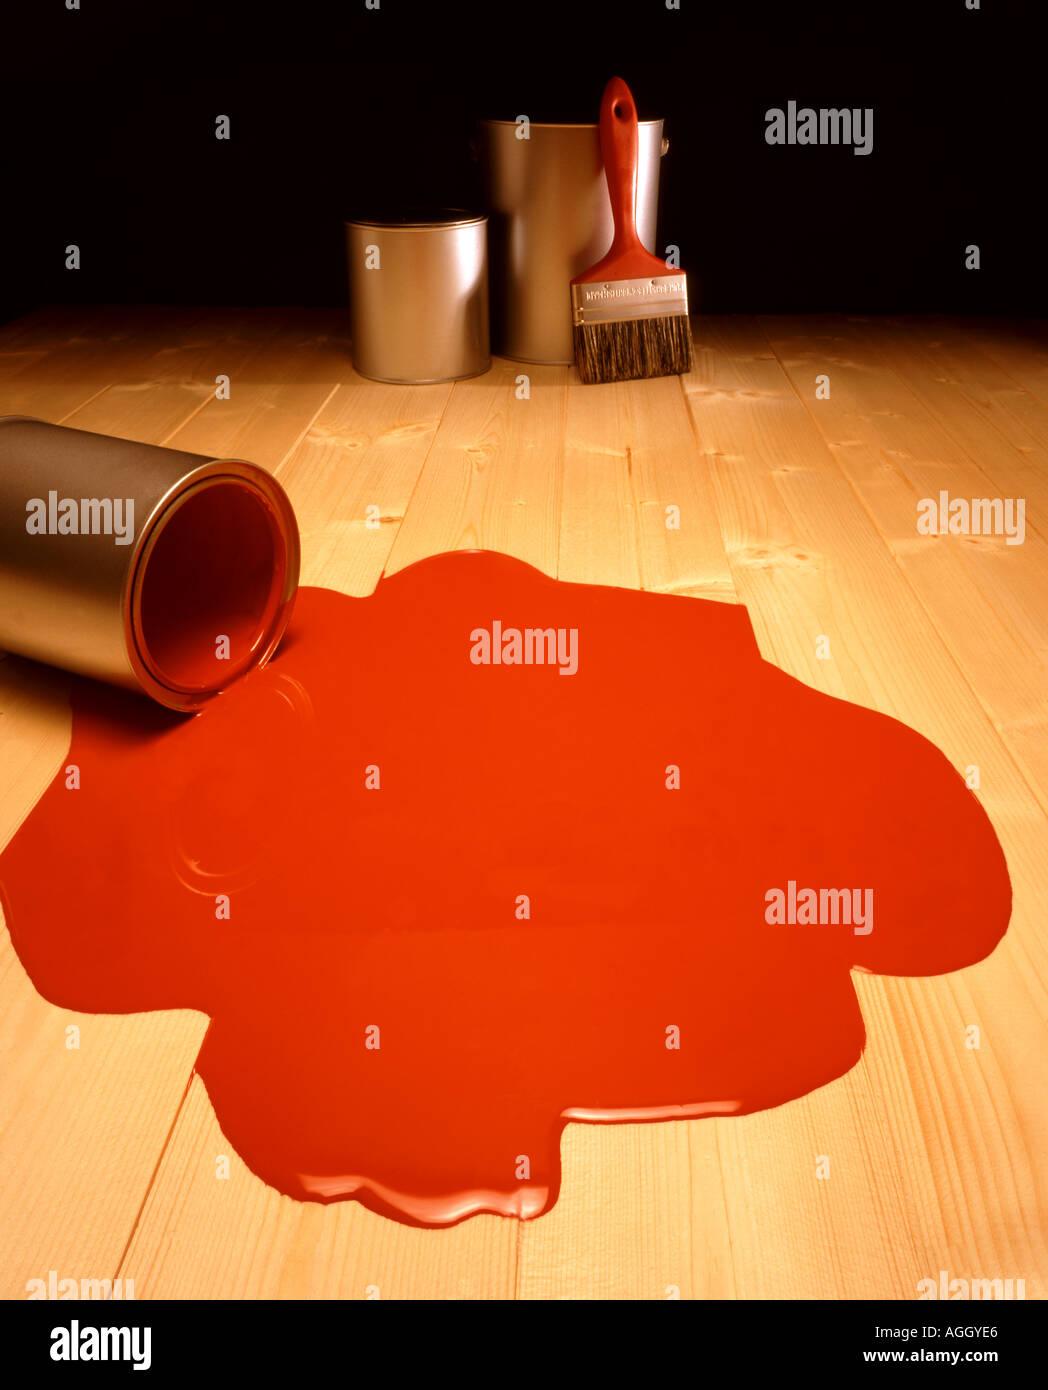 Spilt red paint - Stock Image